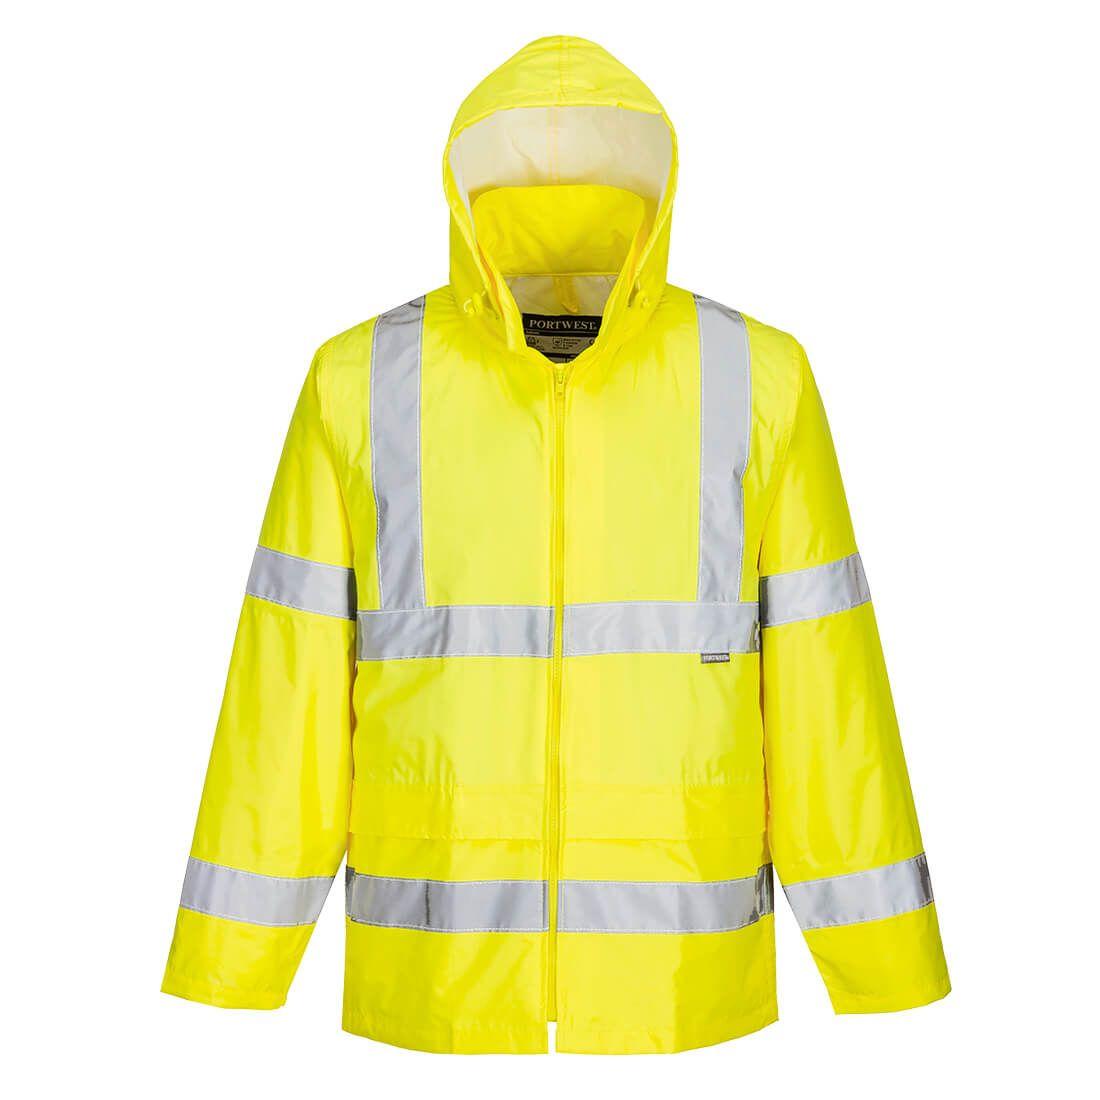 Altro Abbigliamento Uomo Impermeabile Alta Visibilità Emergenza Sanitaria